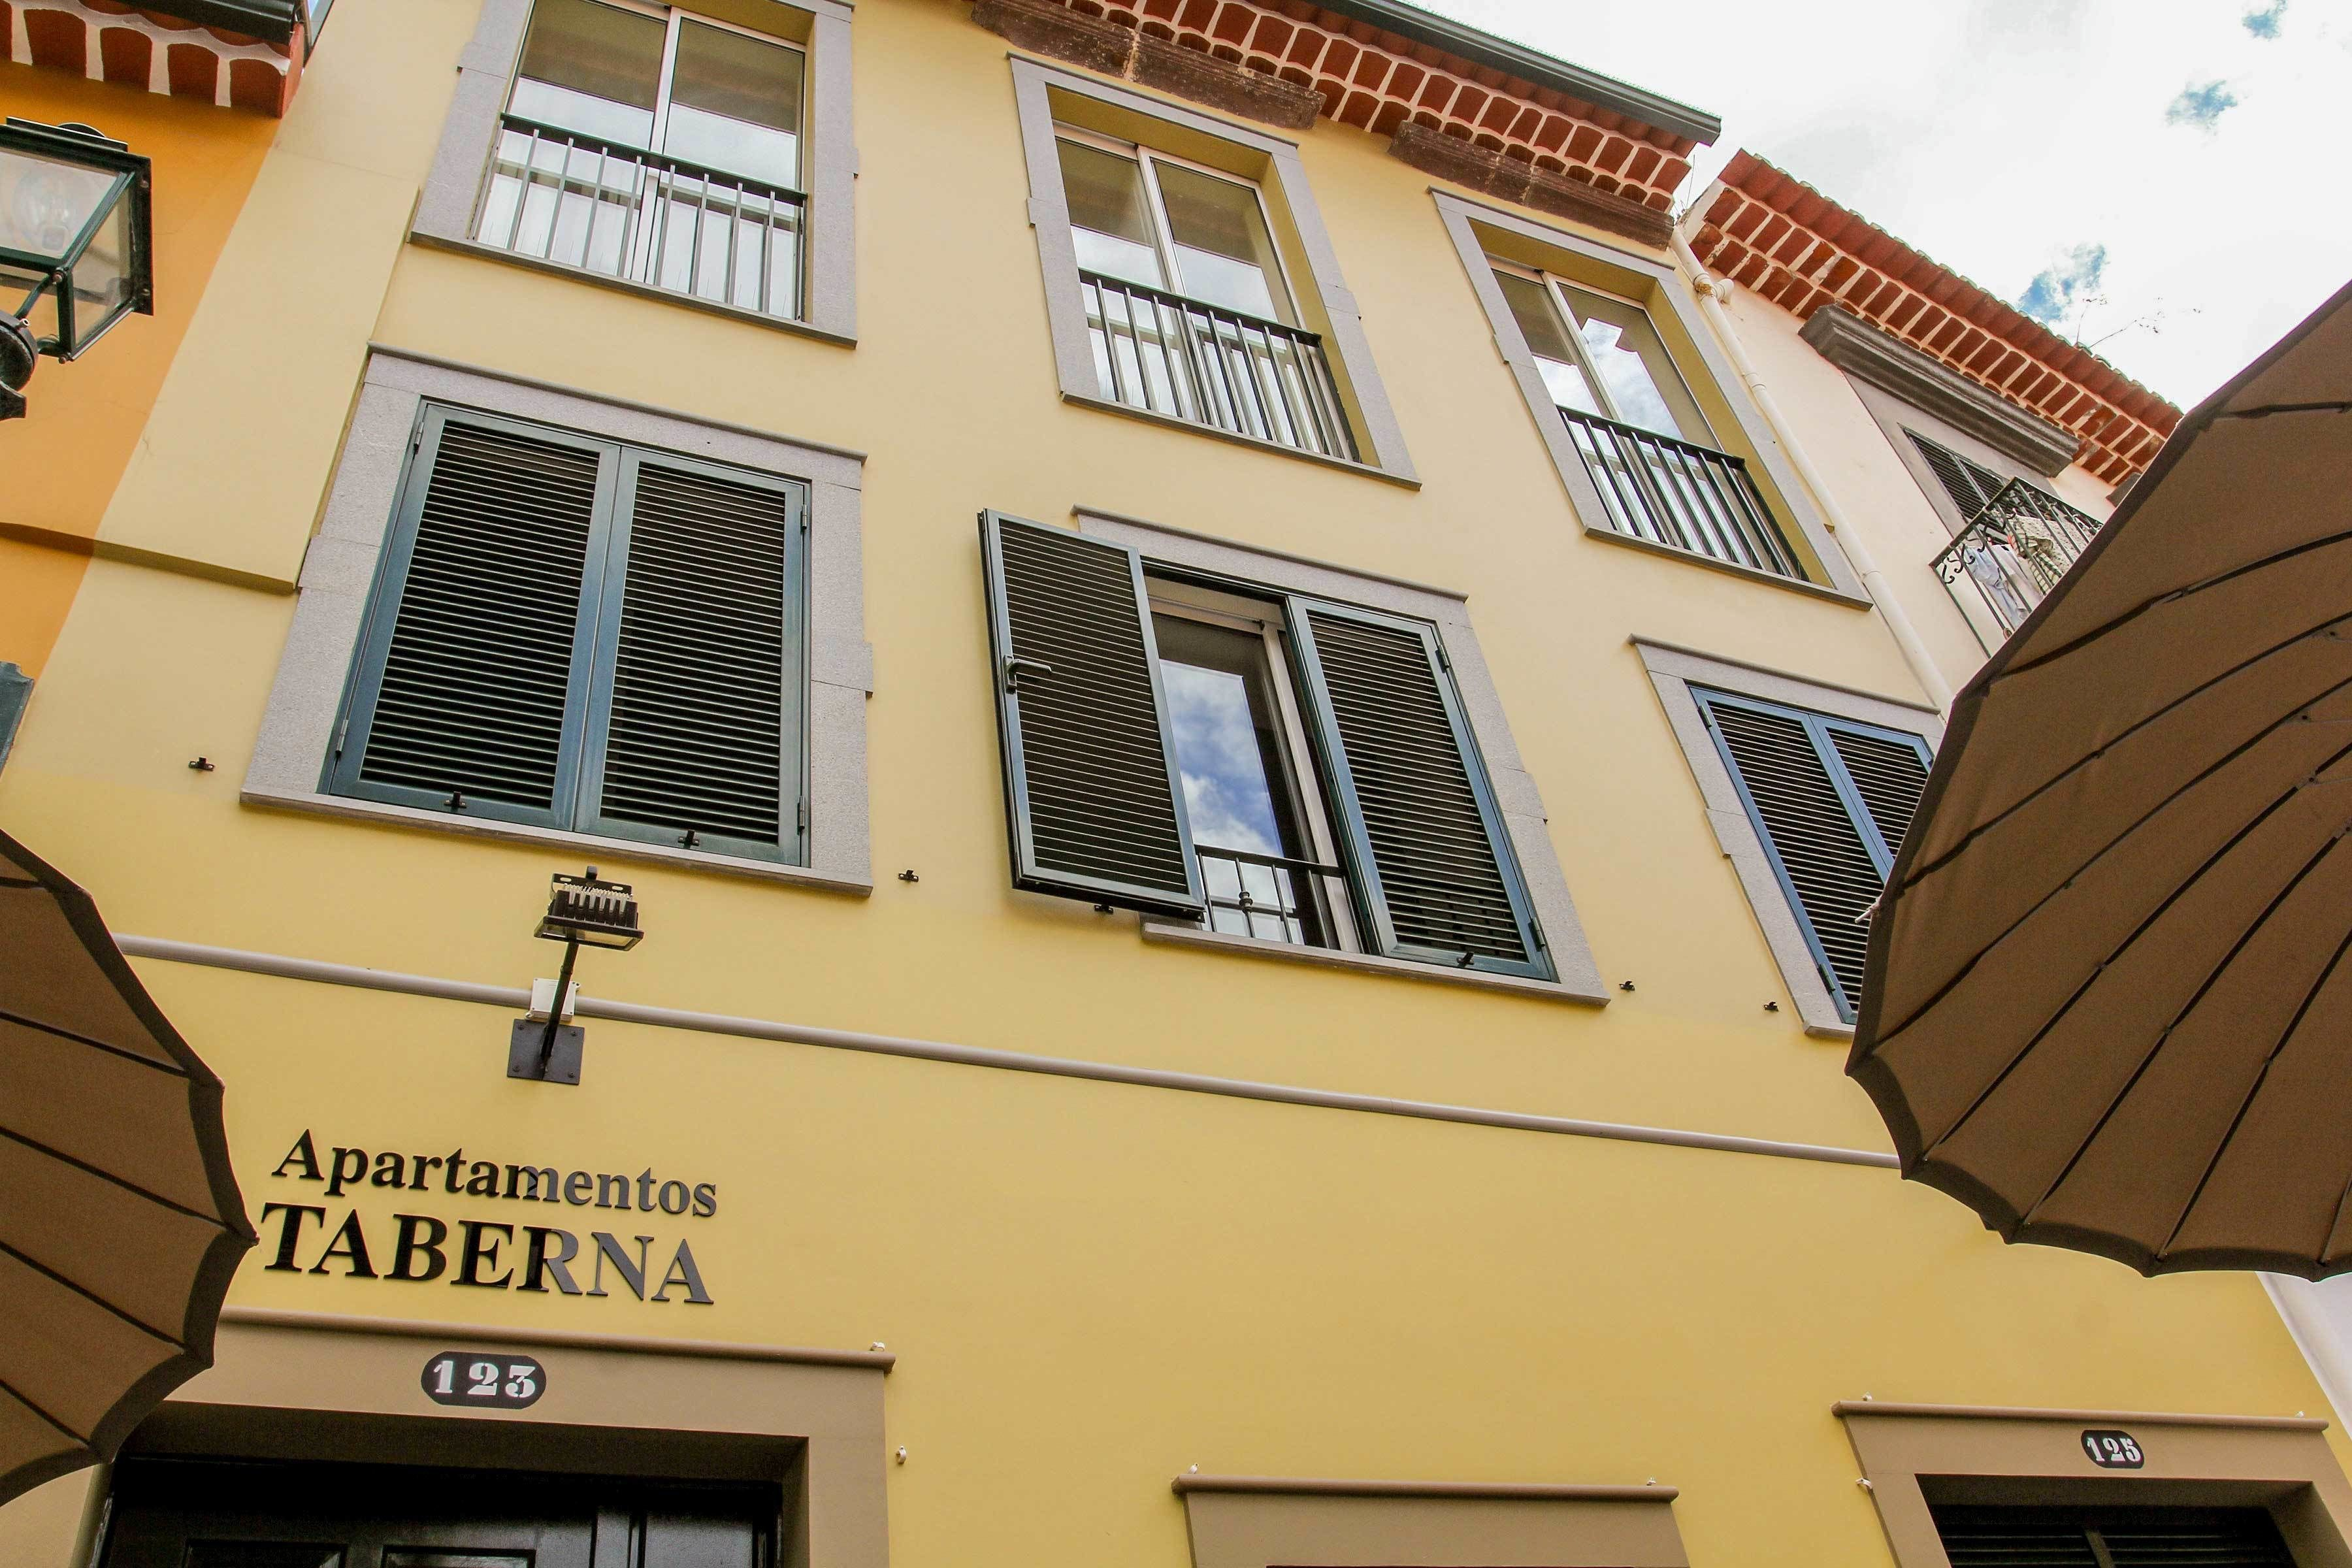 Apartamentos Taberna